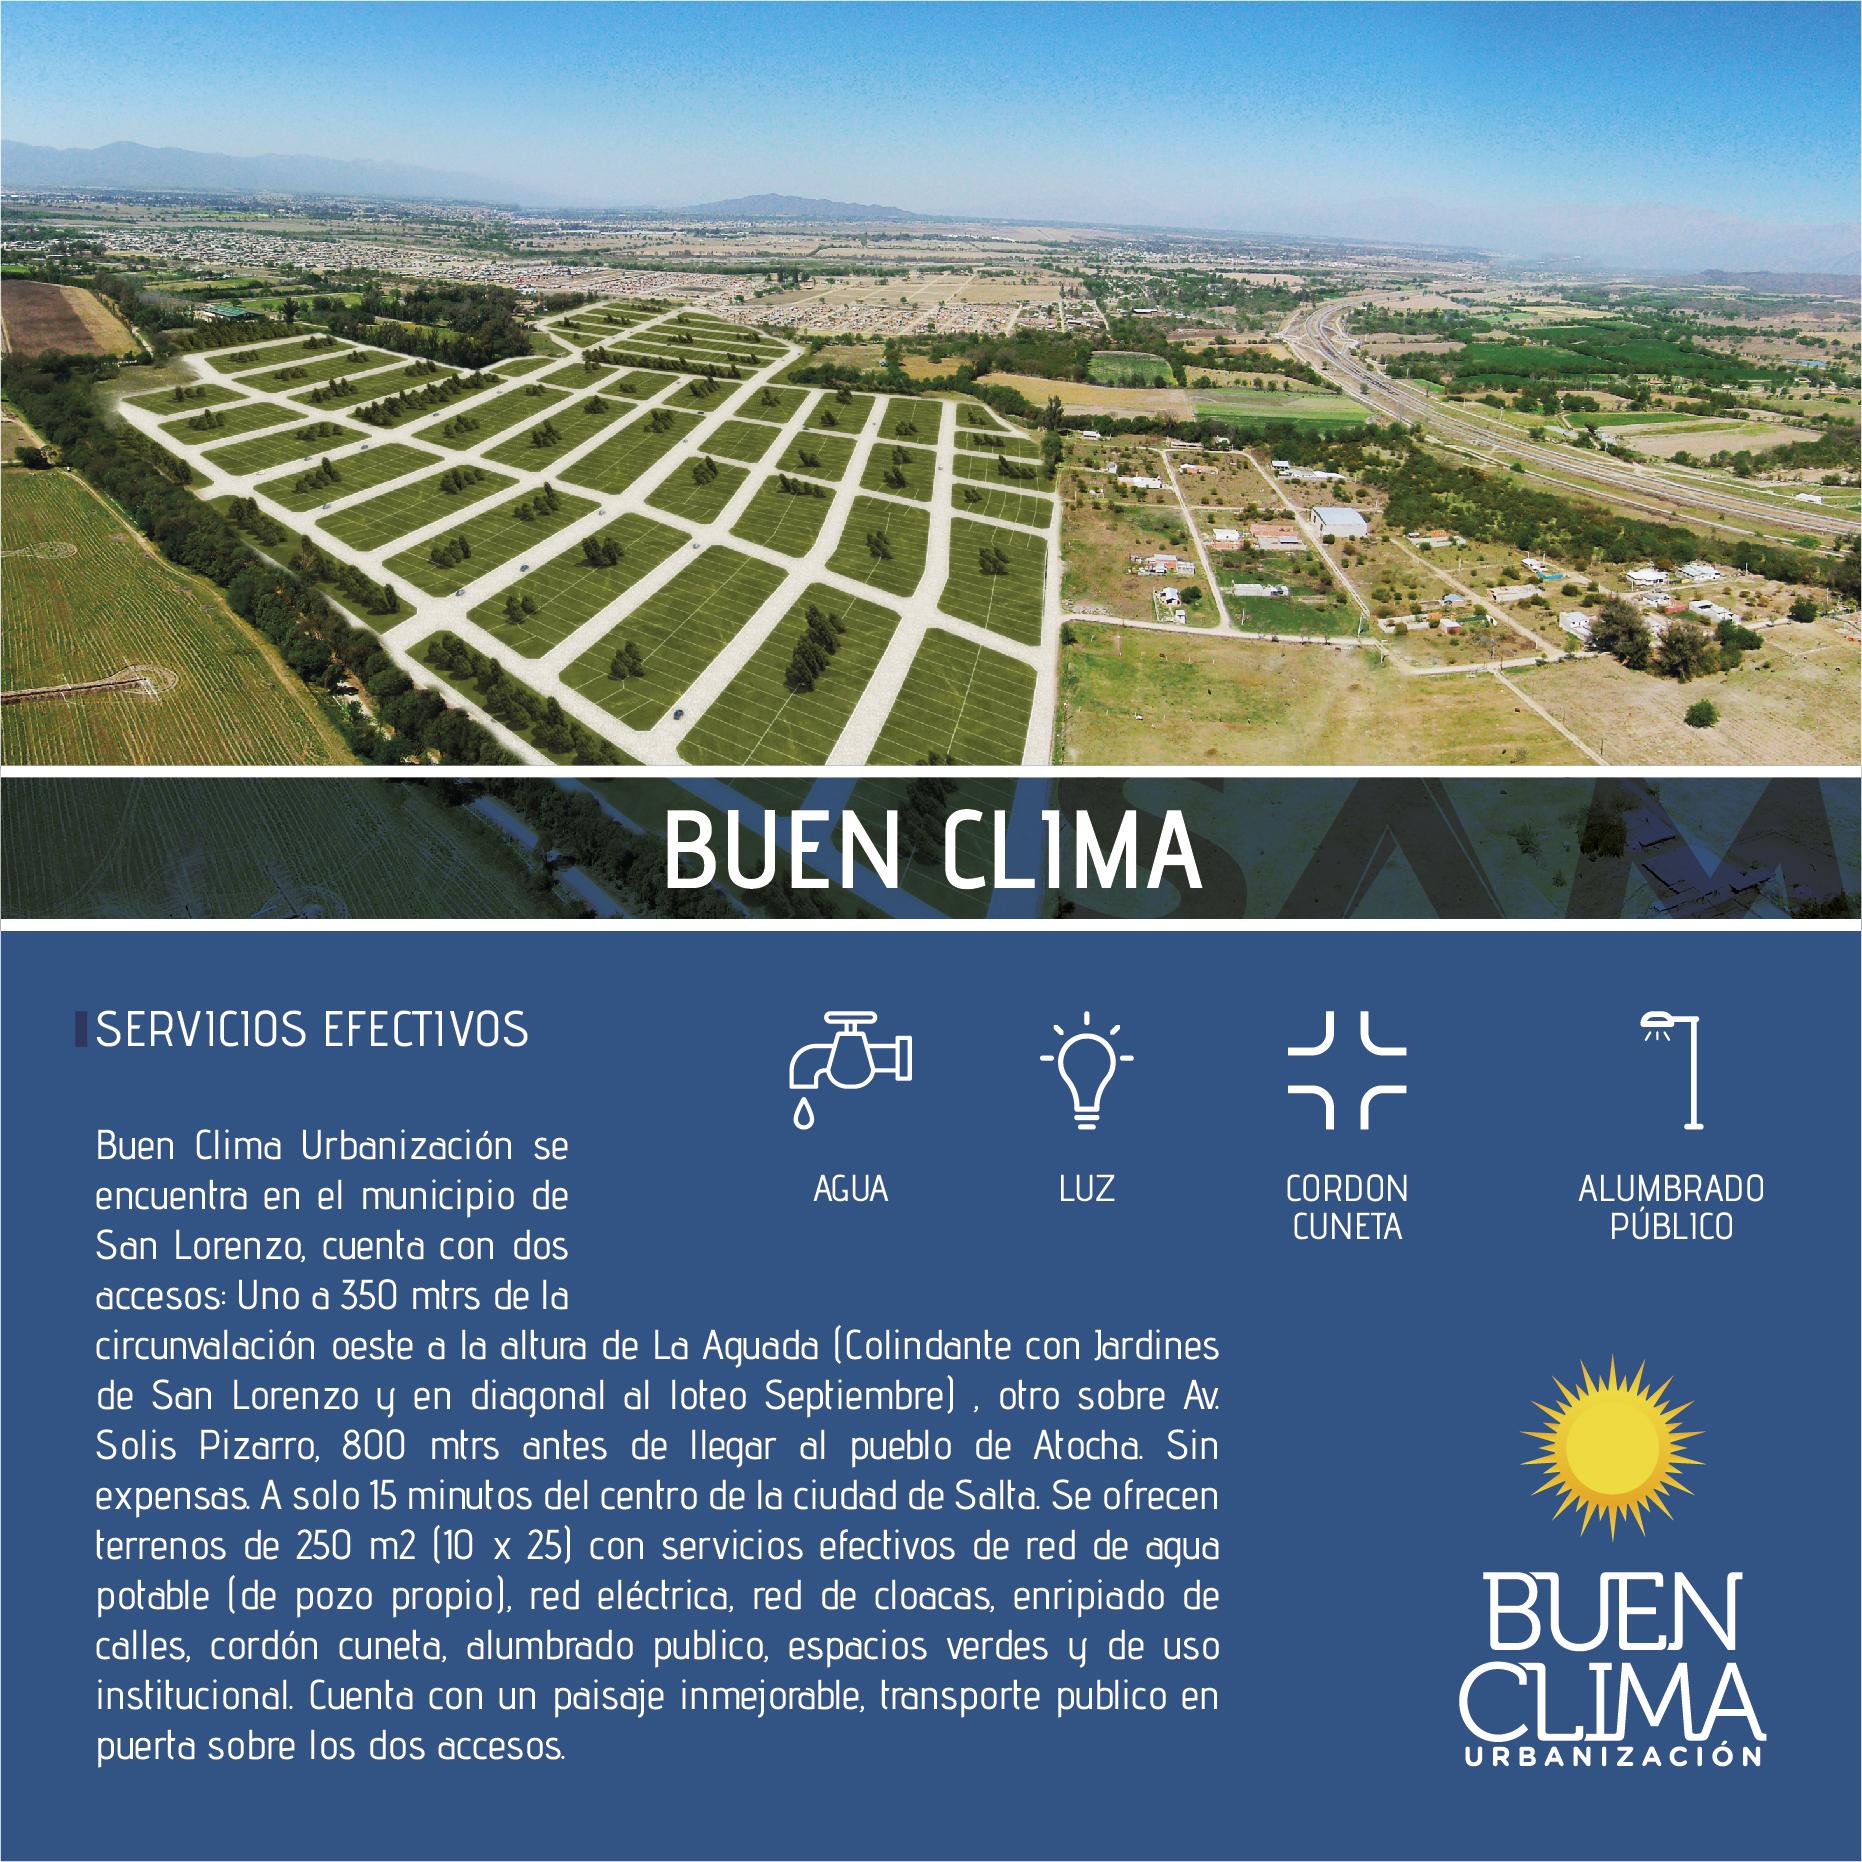 Buen Clima - Urbanización